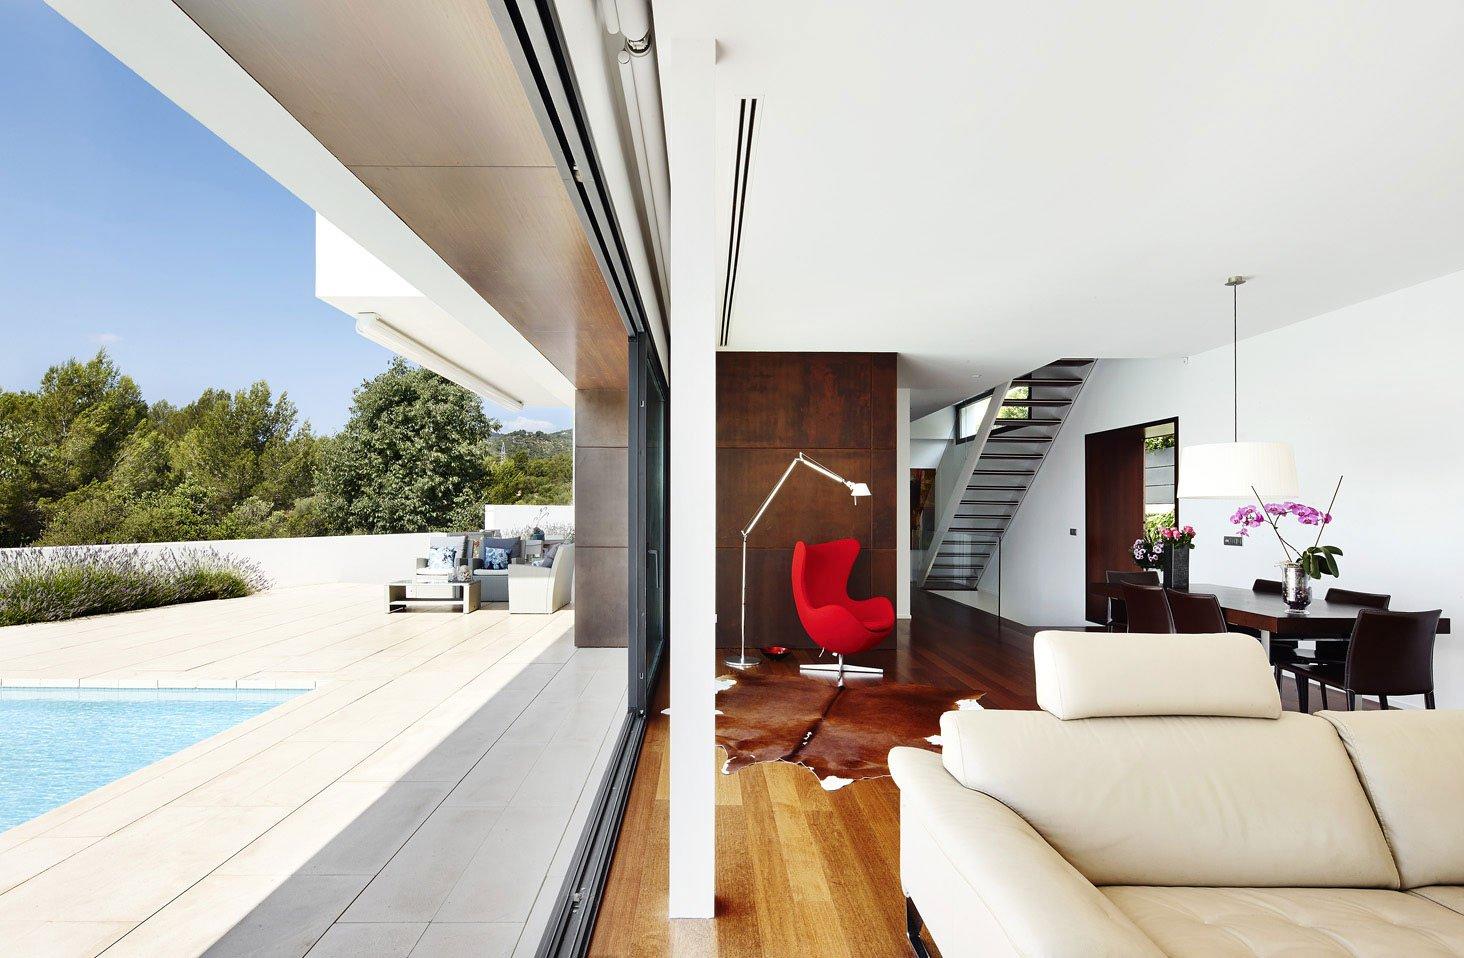 Dise o de casa con piscina de dos pisos for Diseno de casas interior y exterior